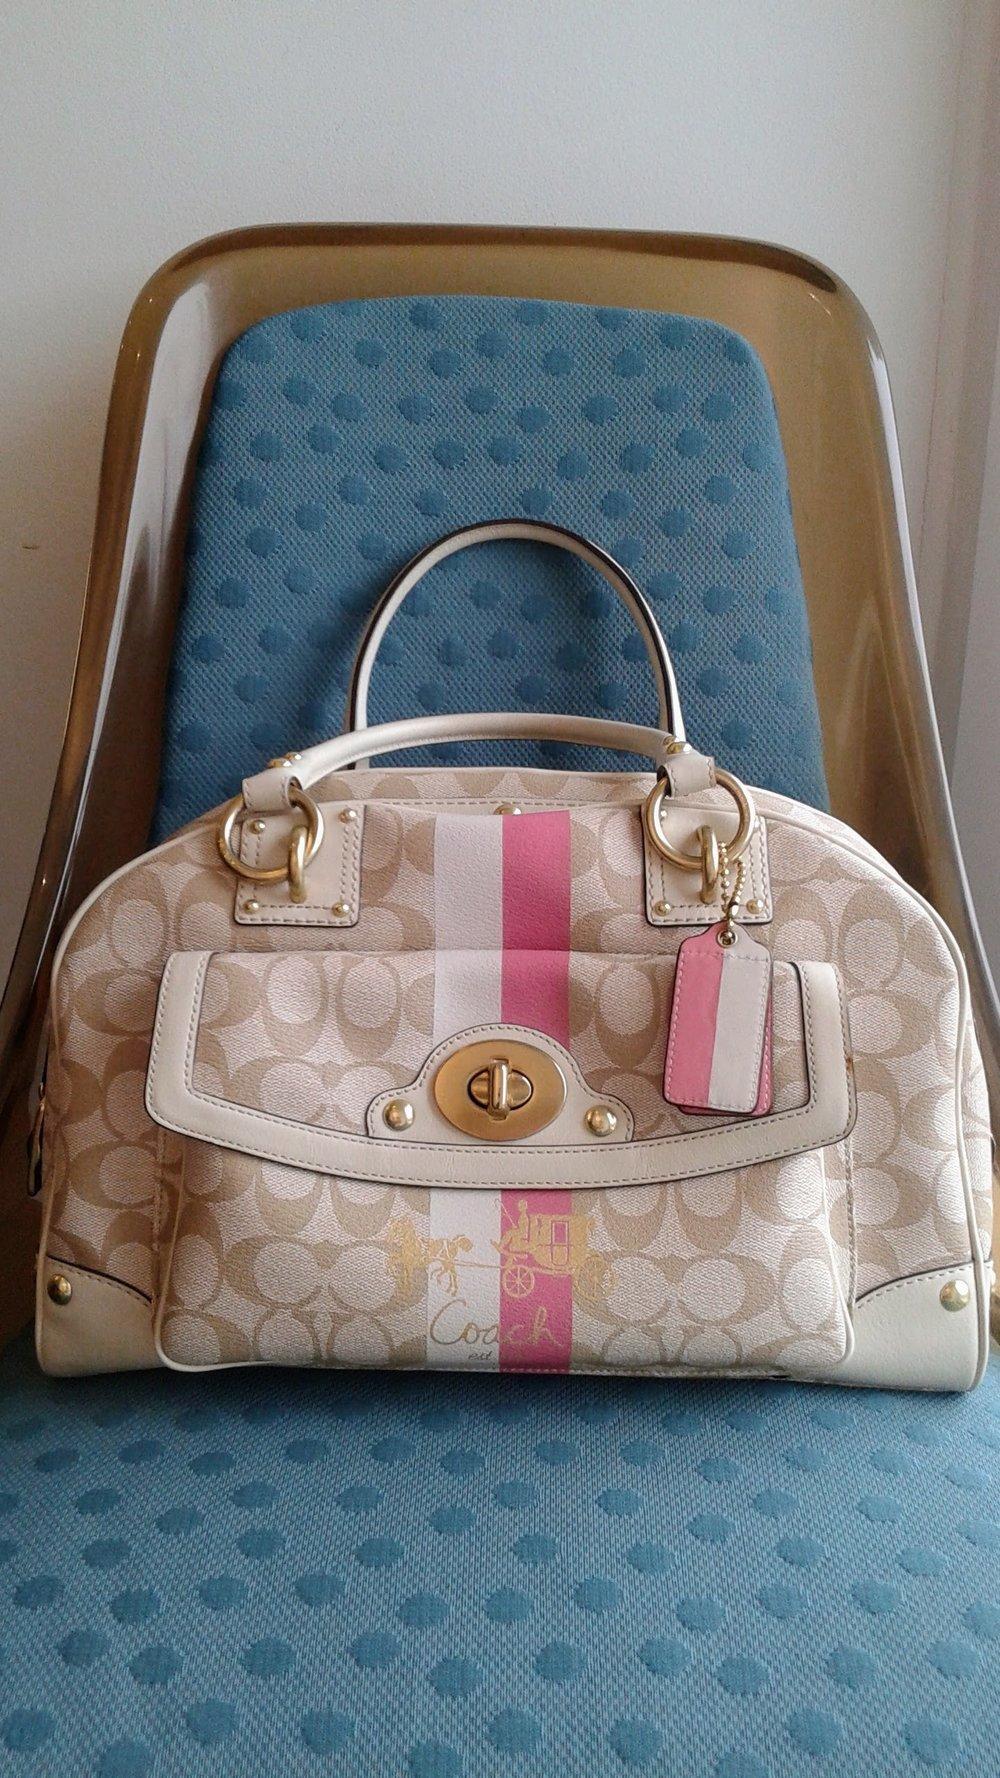 Coach bag, $150